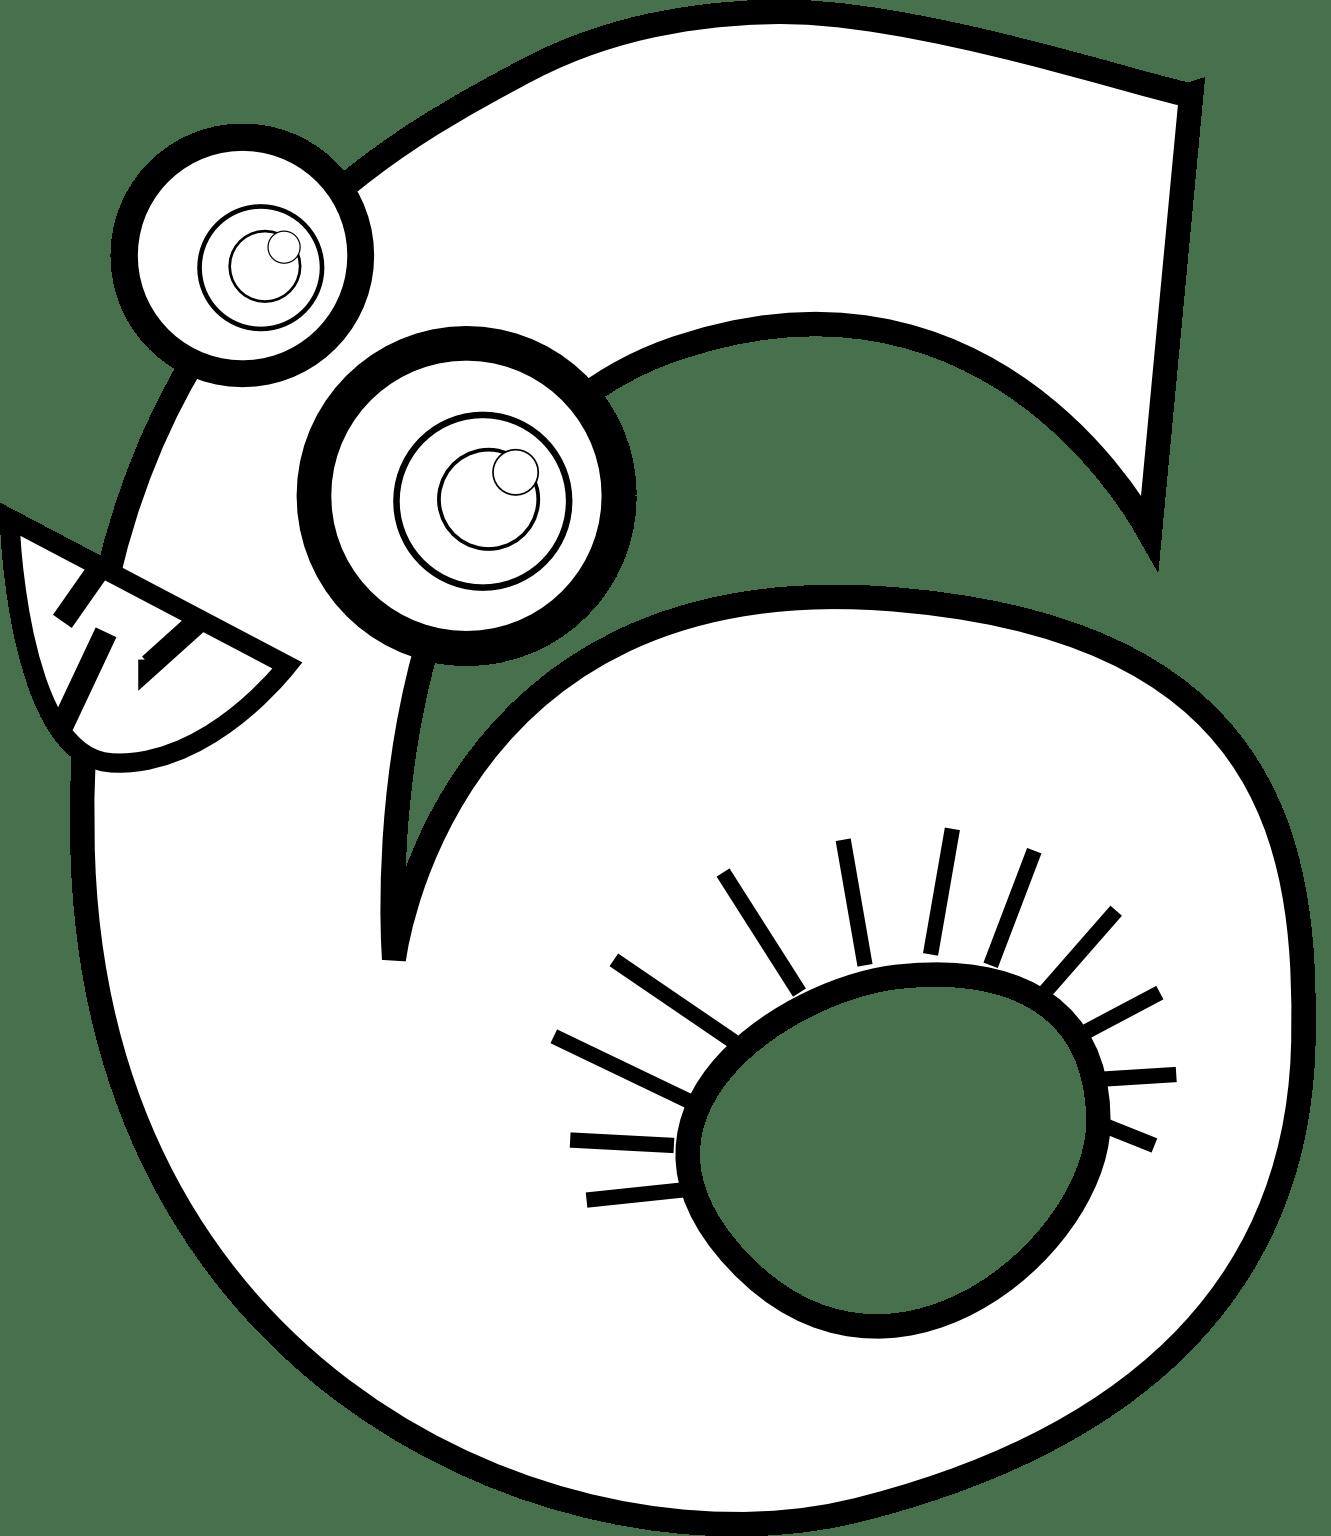 Number 5 Clip Art